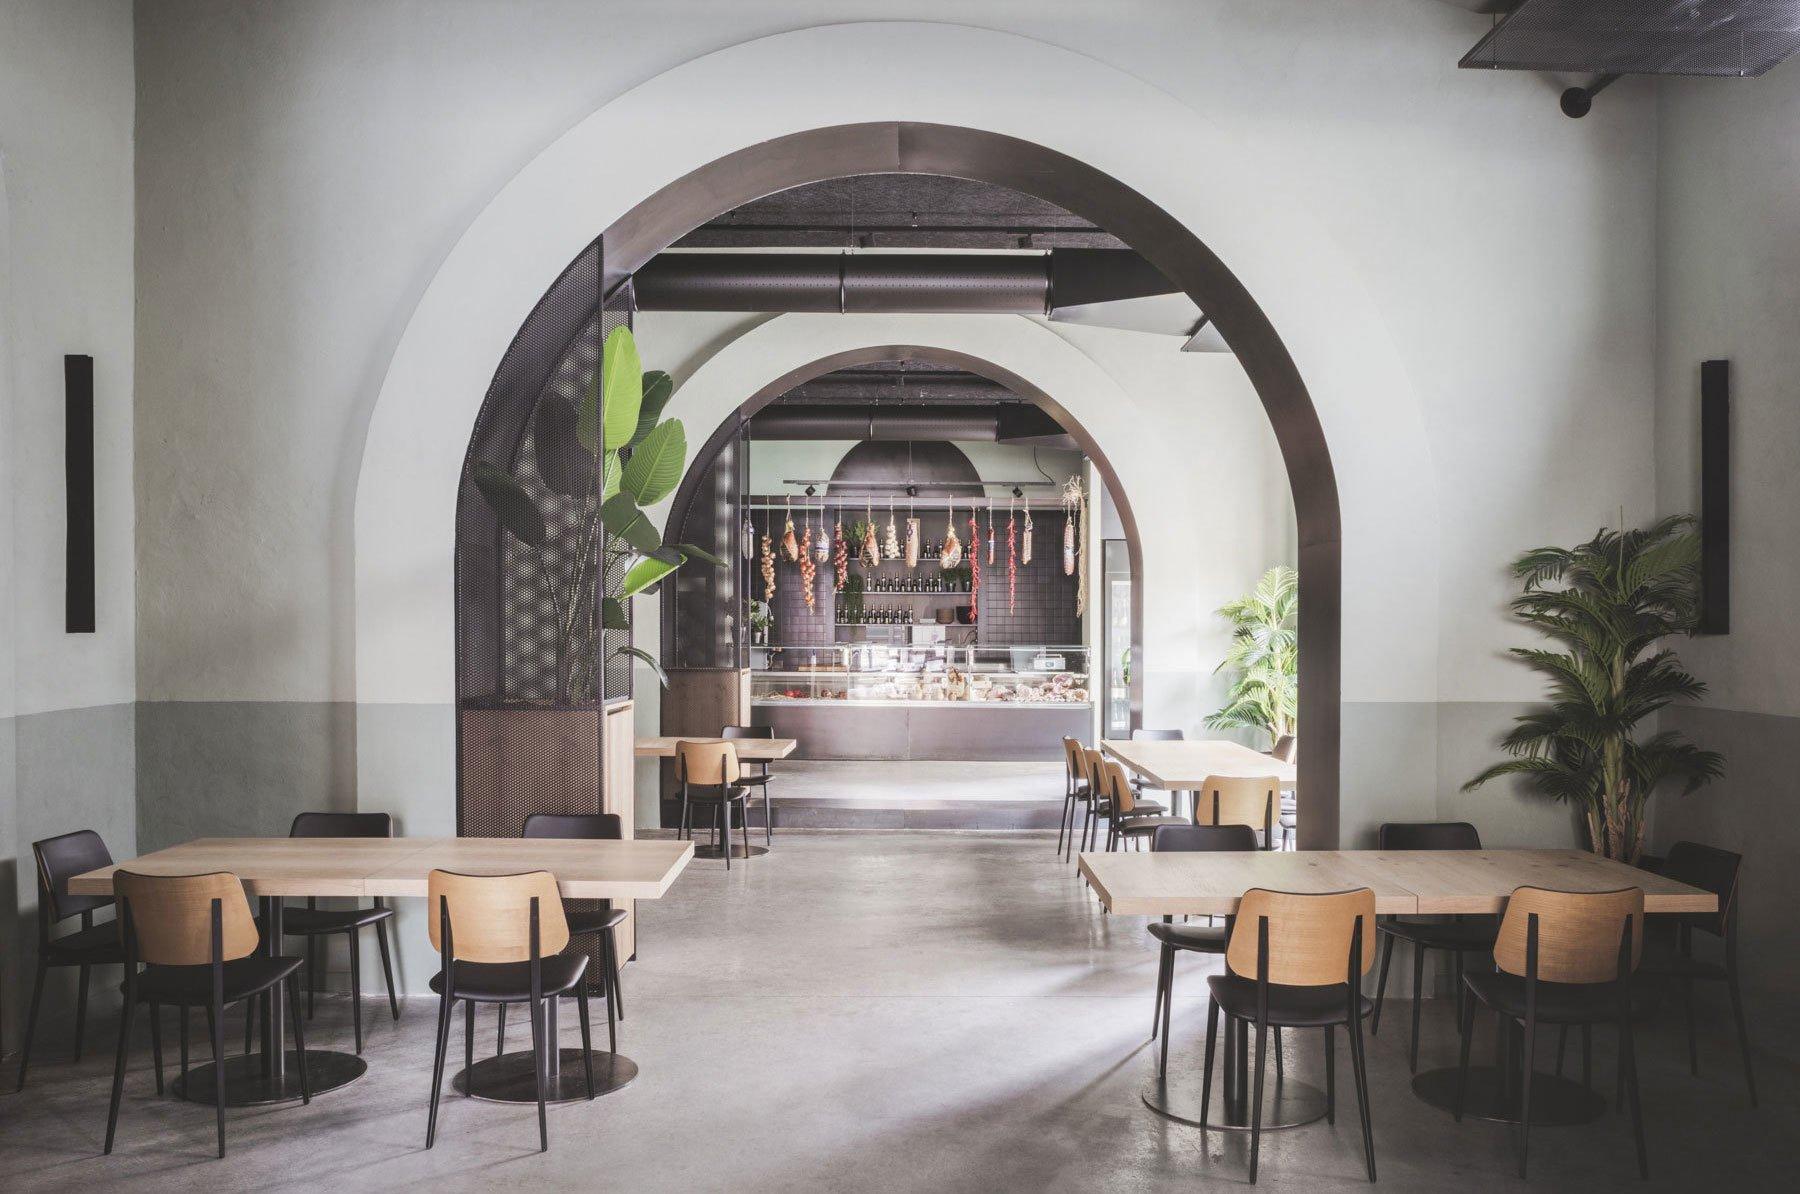 In Palermo hat Studio Didea eine alte Garage in ein Restaurant verwandelt, das sinnbildlich für einen neuen, regional geprägten Minimalismus steht.